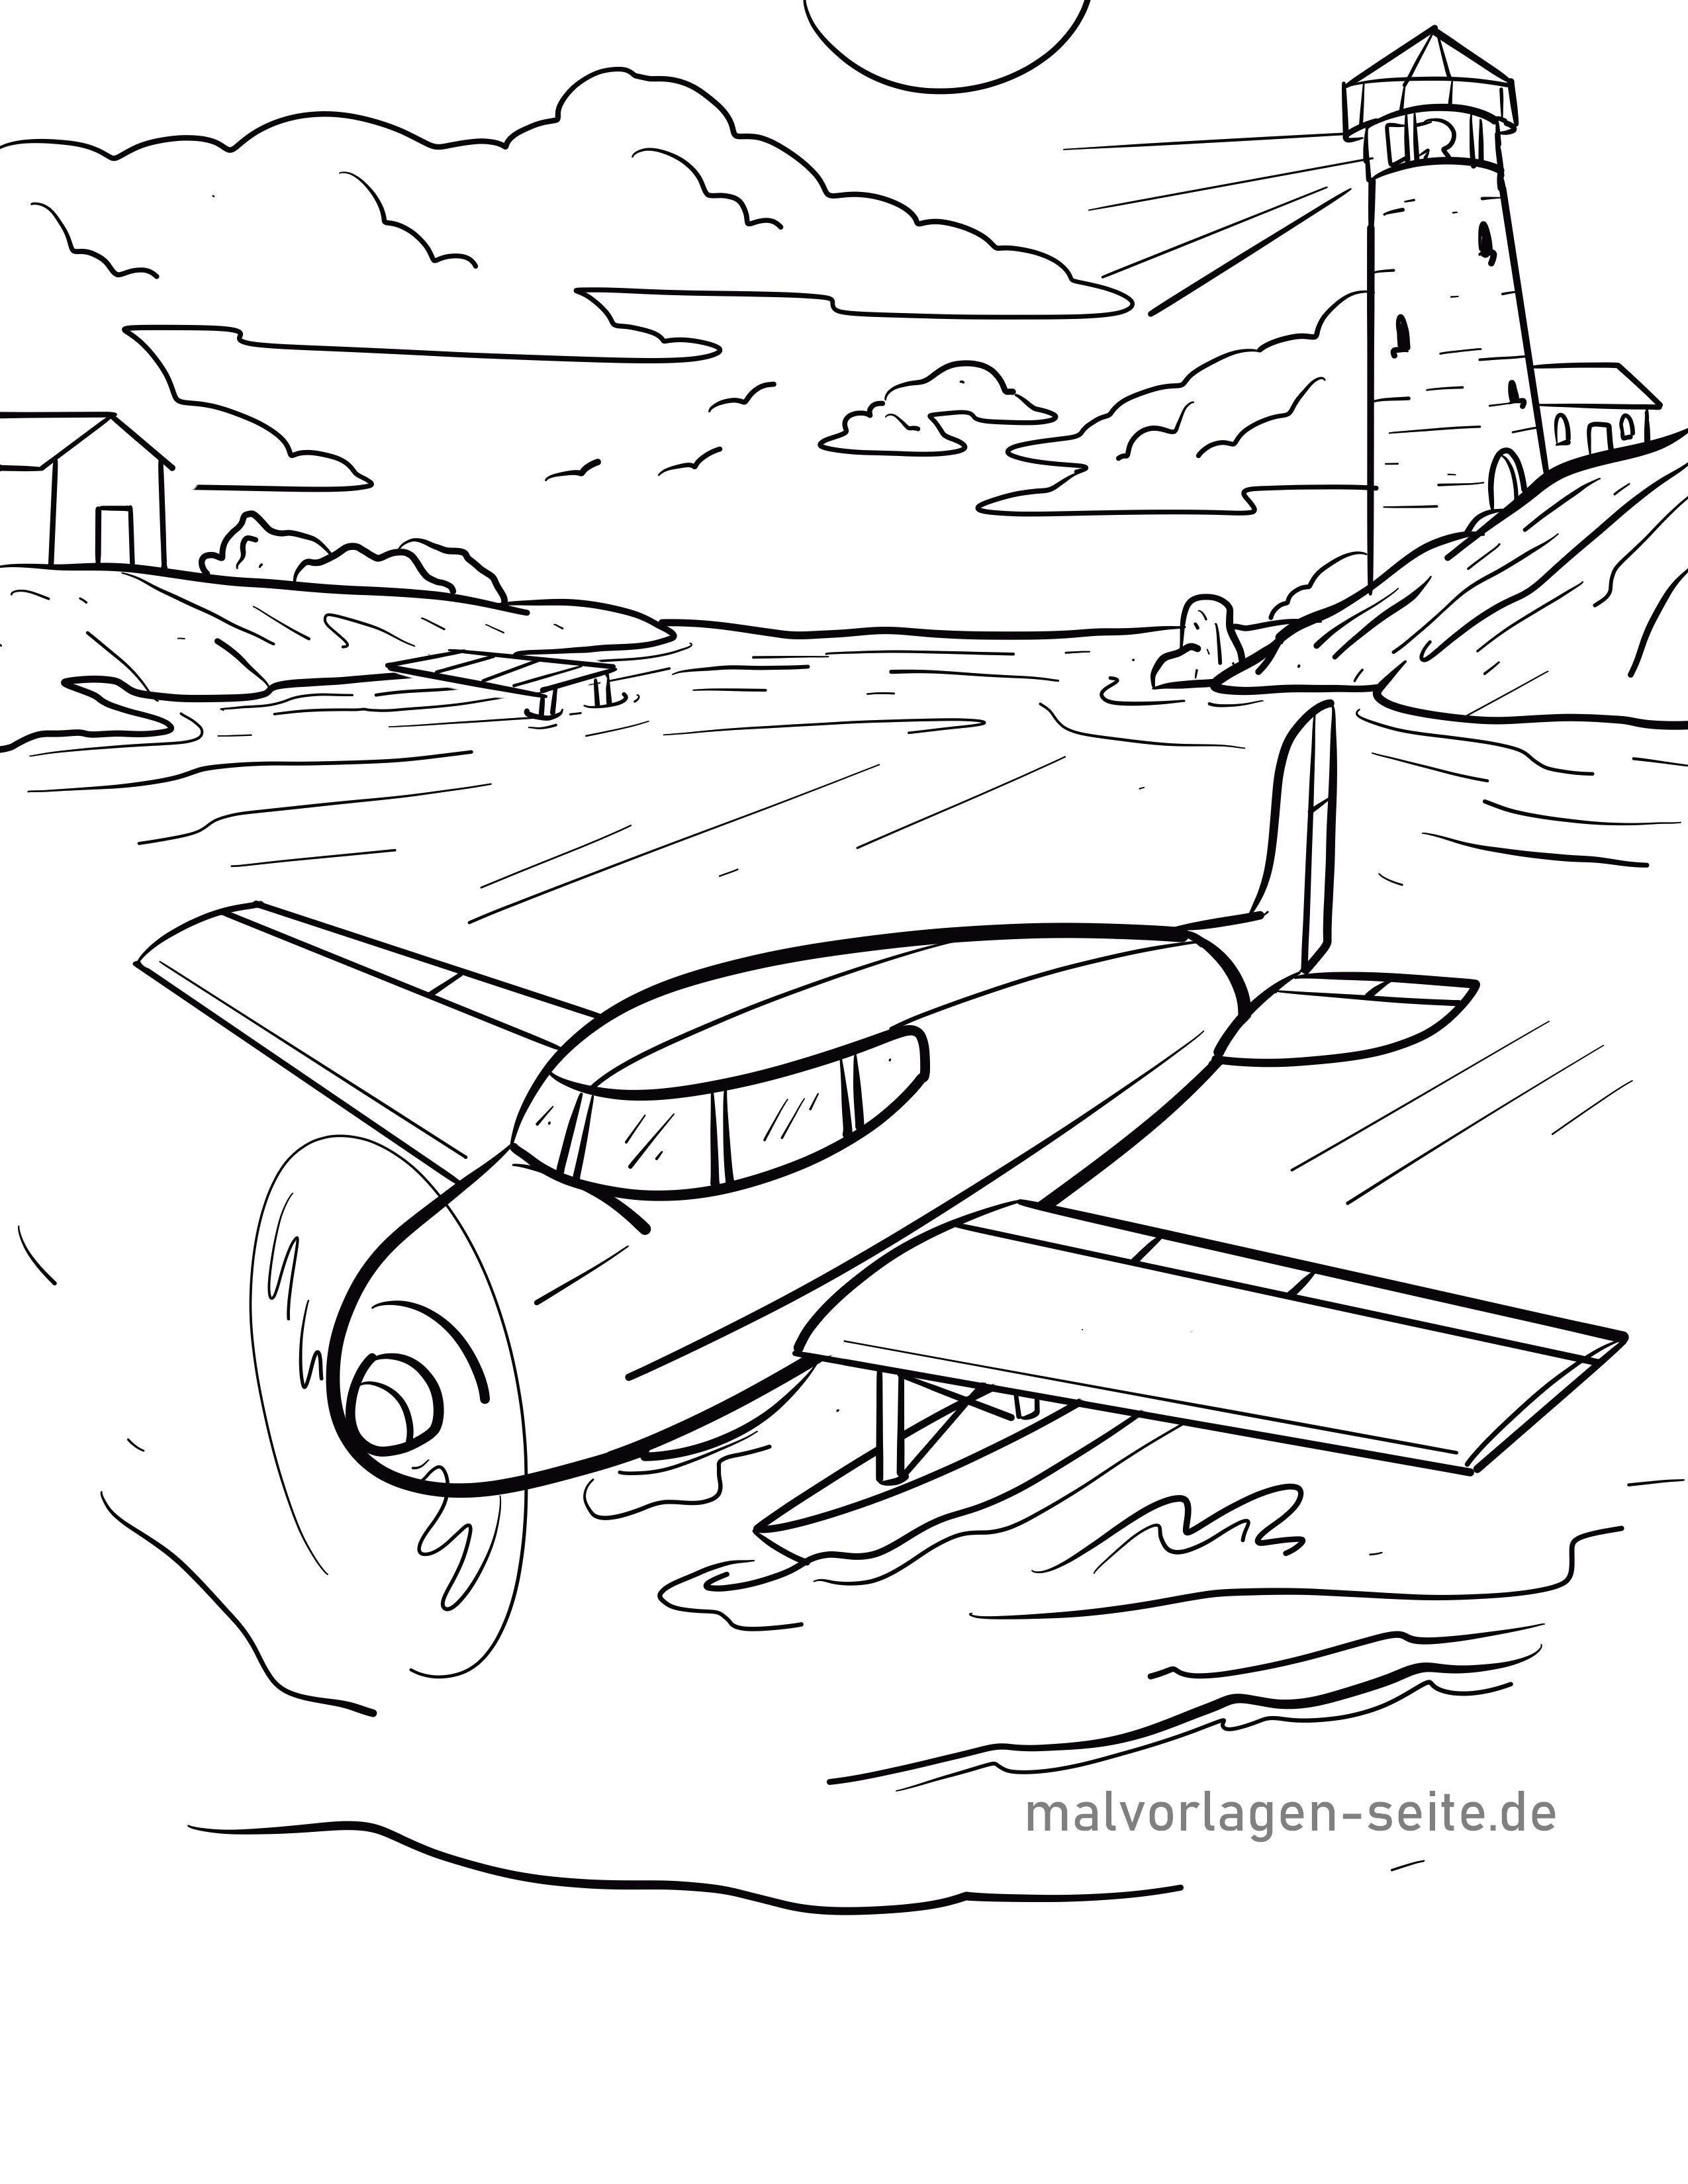 malvorlage wasserflugzeug  flugzeug  kostenlose ausmalbilder